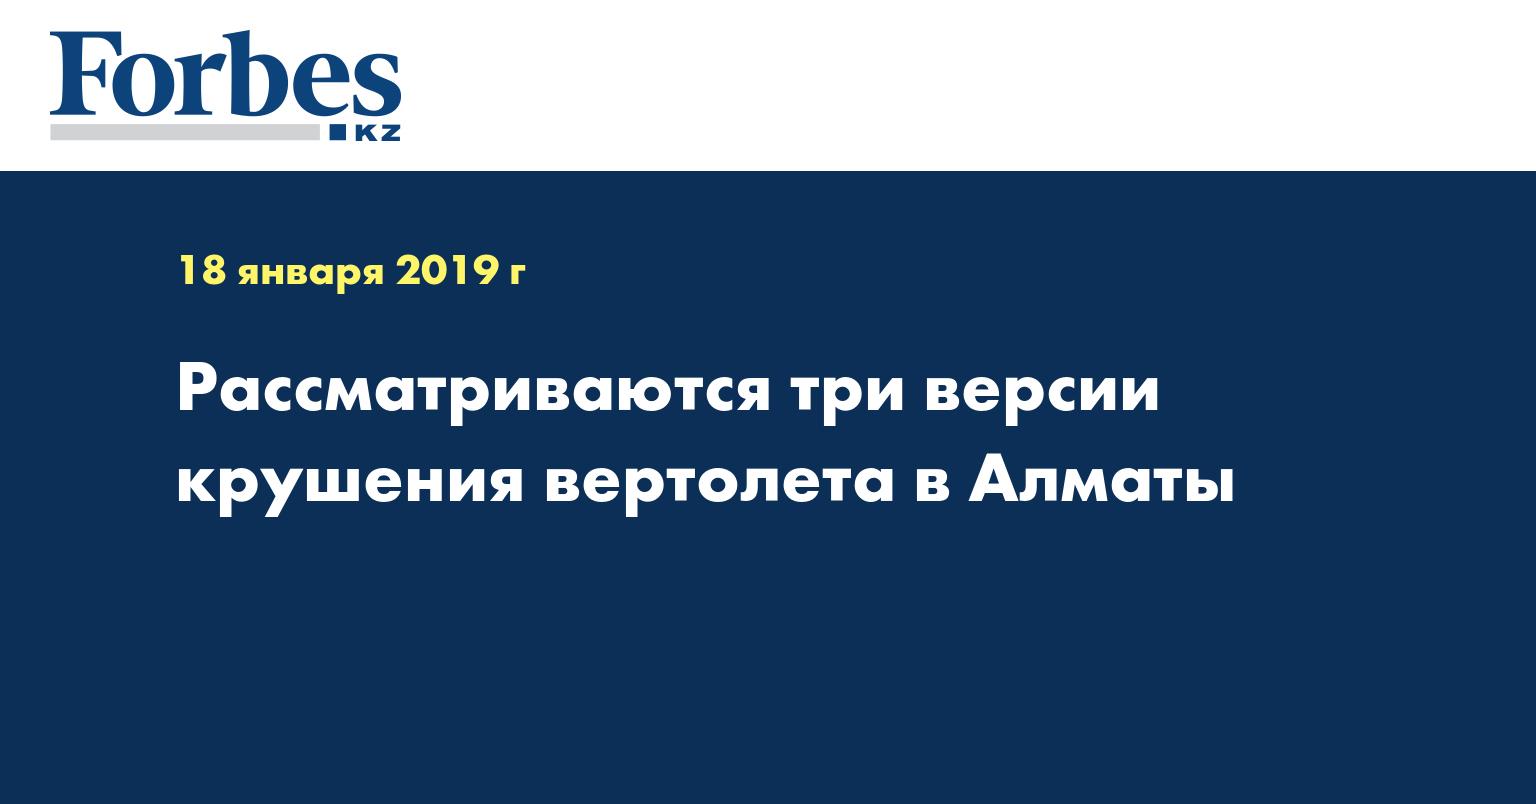 Рассматриваются три версии крушения вертолета в Алматы